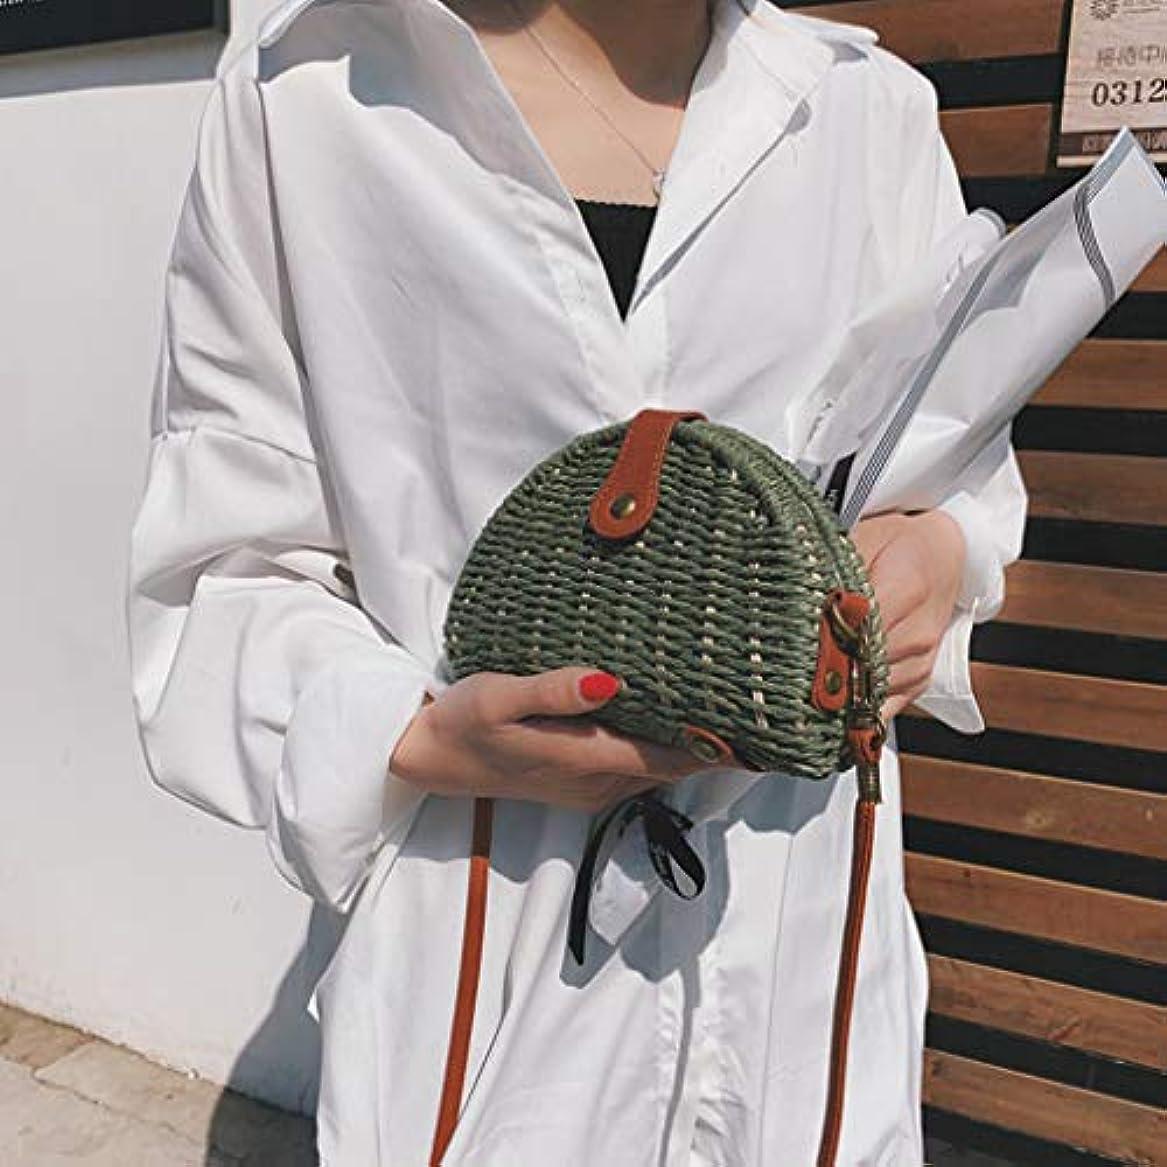 エンターテインメントする土地女性ミニ織りビーチショルダーバッグレディースボヘミアンスタイルレジャーハンドバッグ、女性のミニ織クロスボディバッグ、レディースミニファッションビーチスタイルクロスボディバッグ (緑)